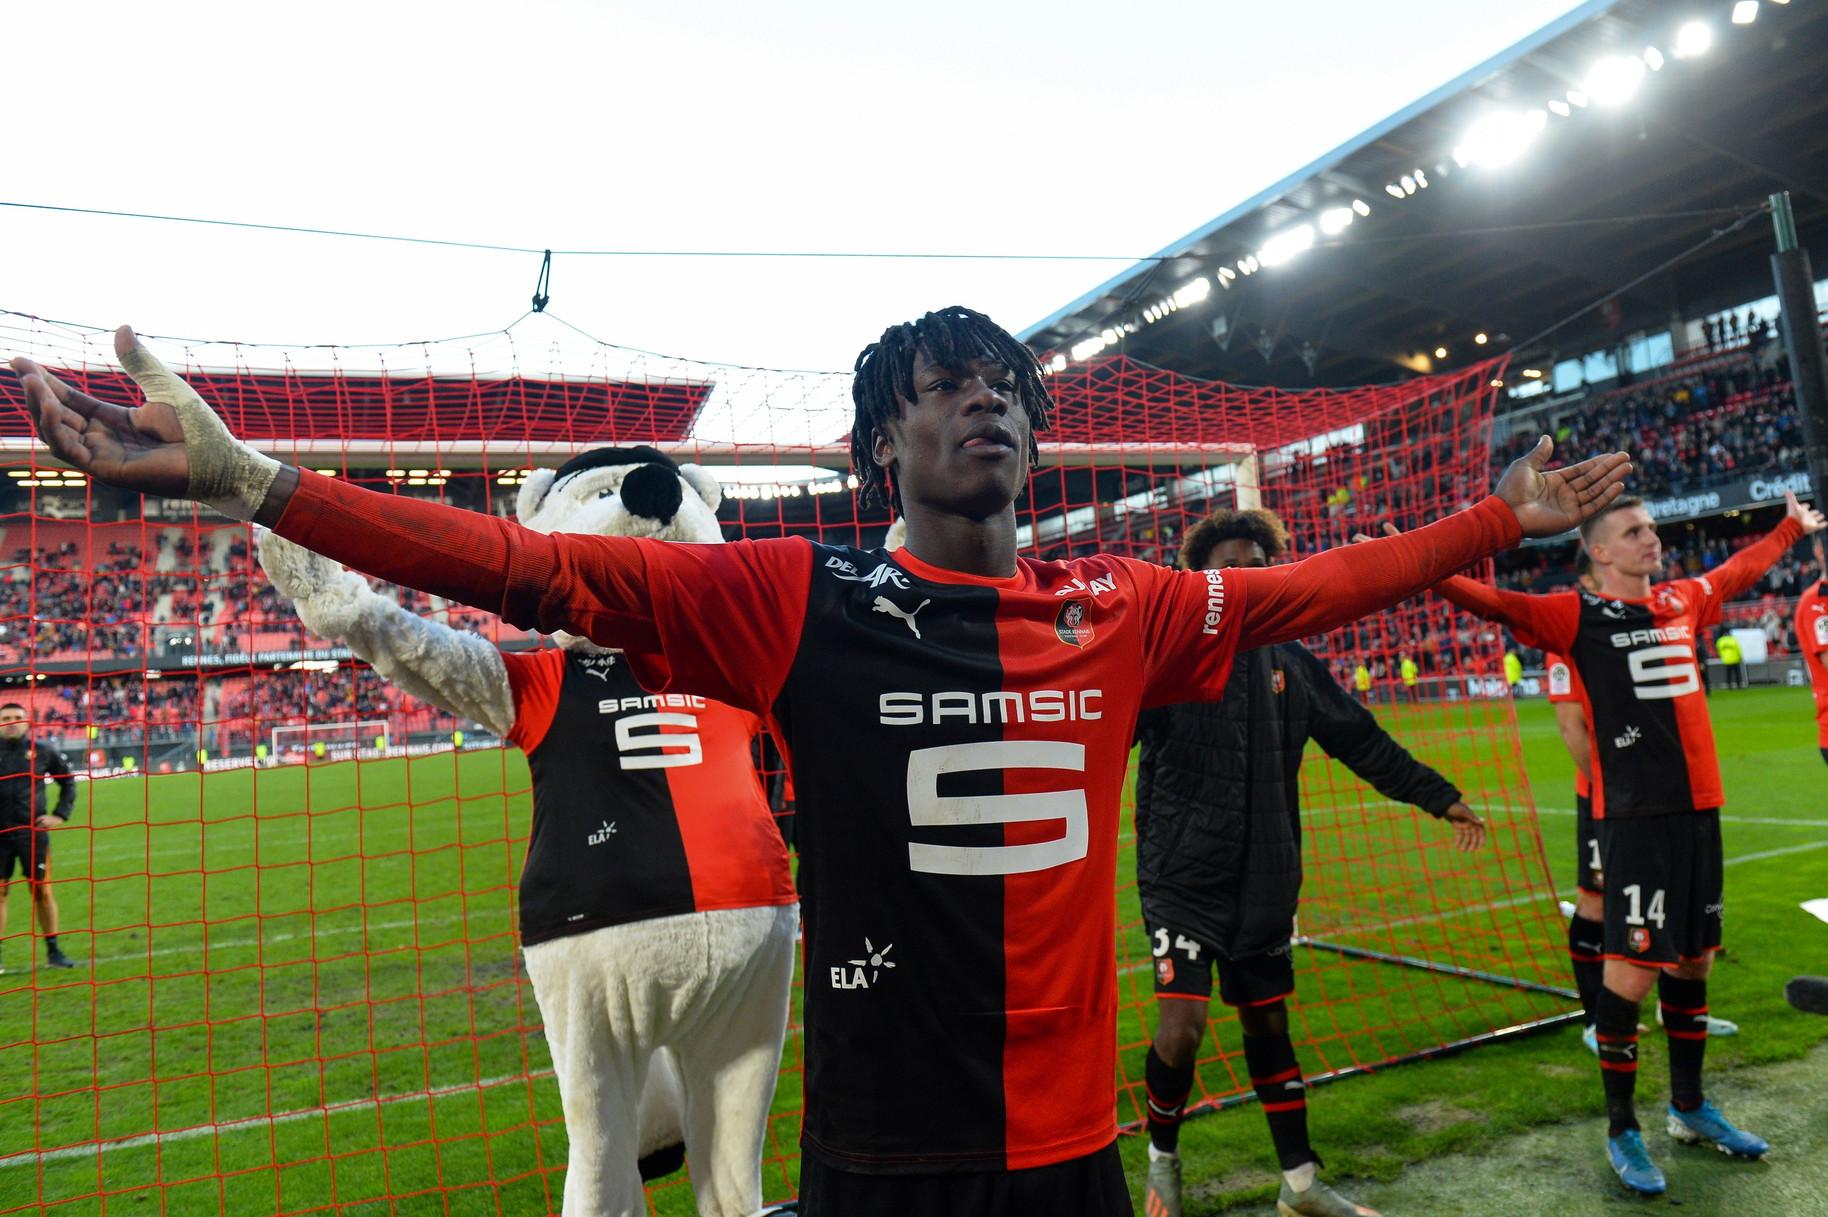 Eduardo Camavinga (Rennes): il centrocampista francese, 17 anni, gioca in prima squadra già dalla scorsa stagione